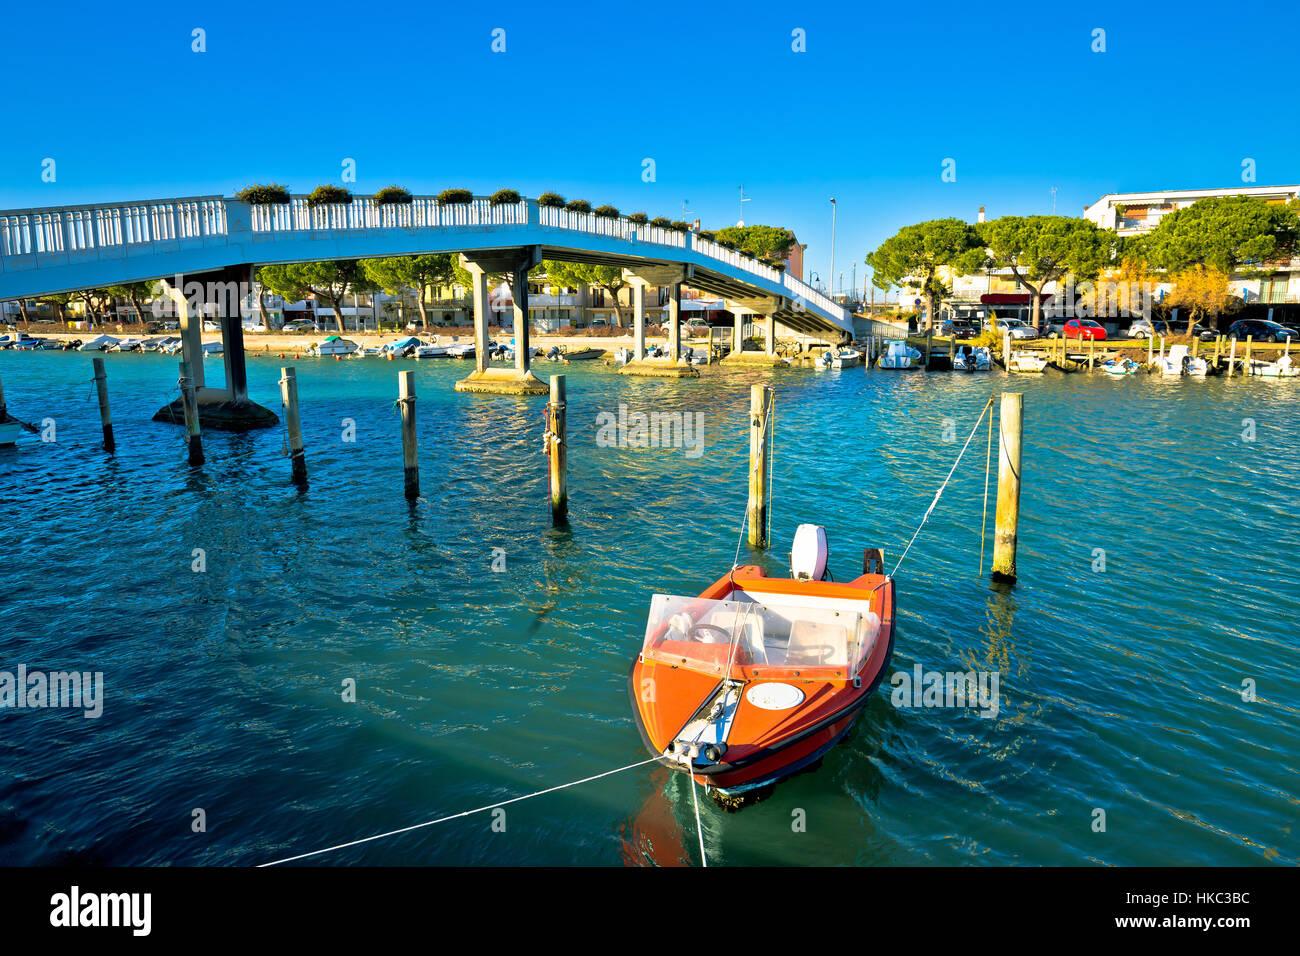 Town of Grado channel and bridge view, Friuli-Venezia Giulia region of Italy - Stock Image